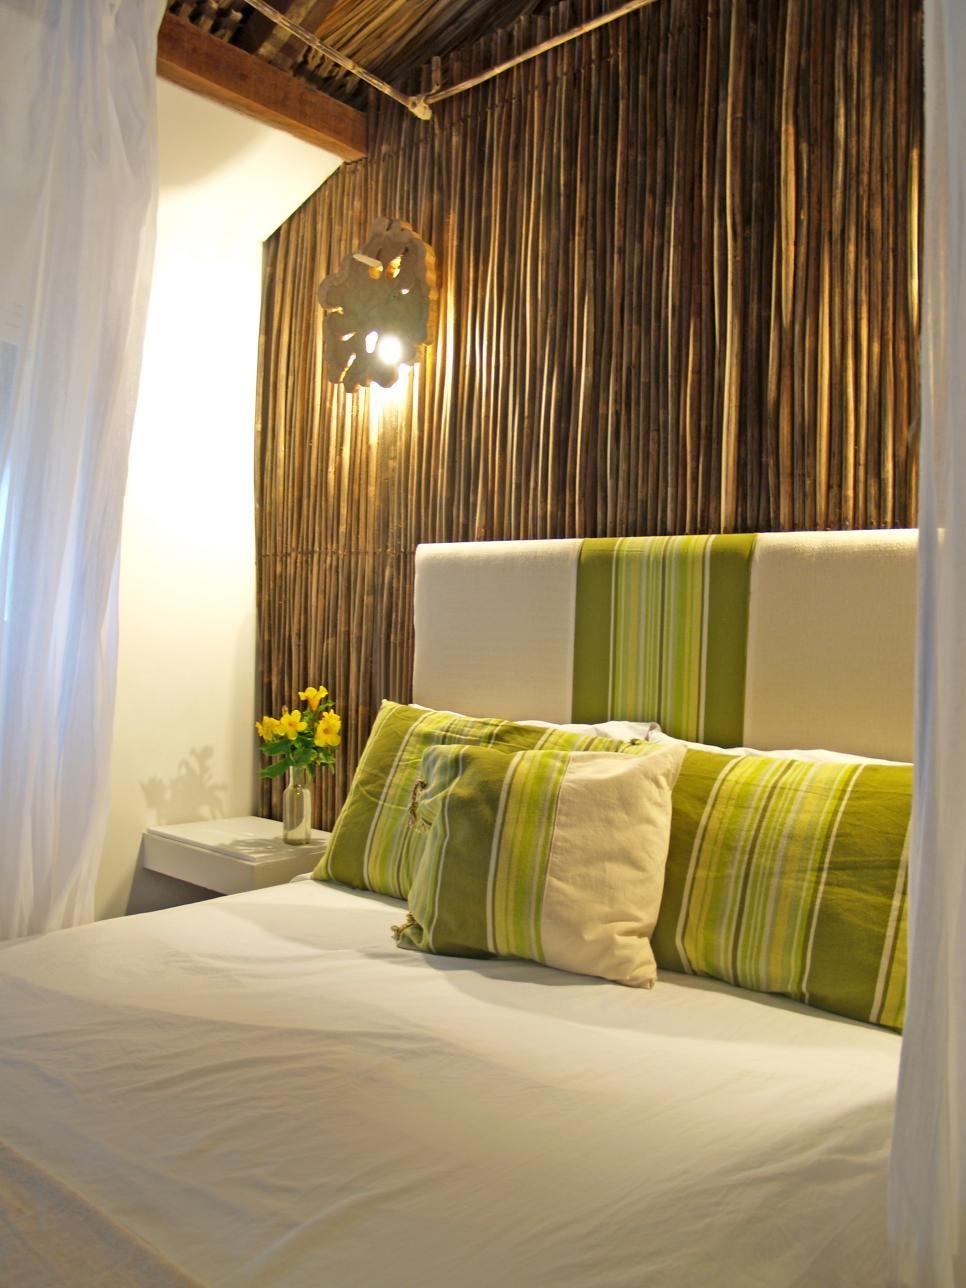 Rooms Viewer | HGTV | VOD interior | Pinterest | Dark accent walls ...